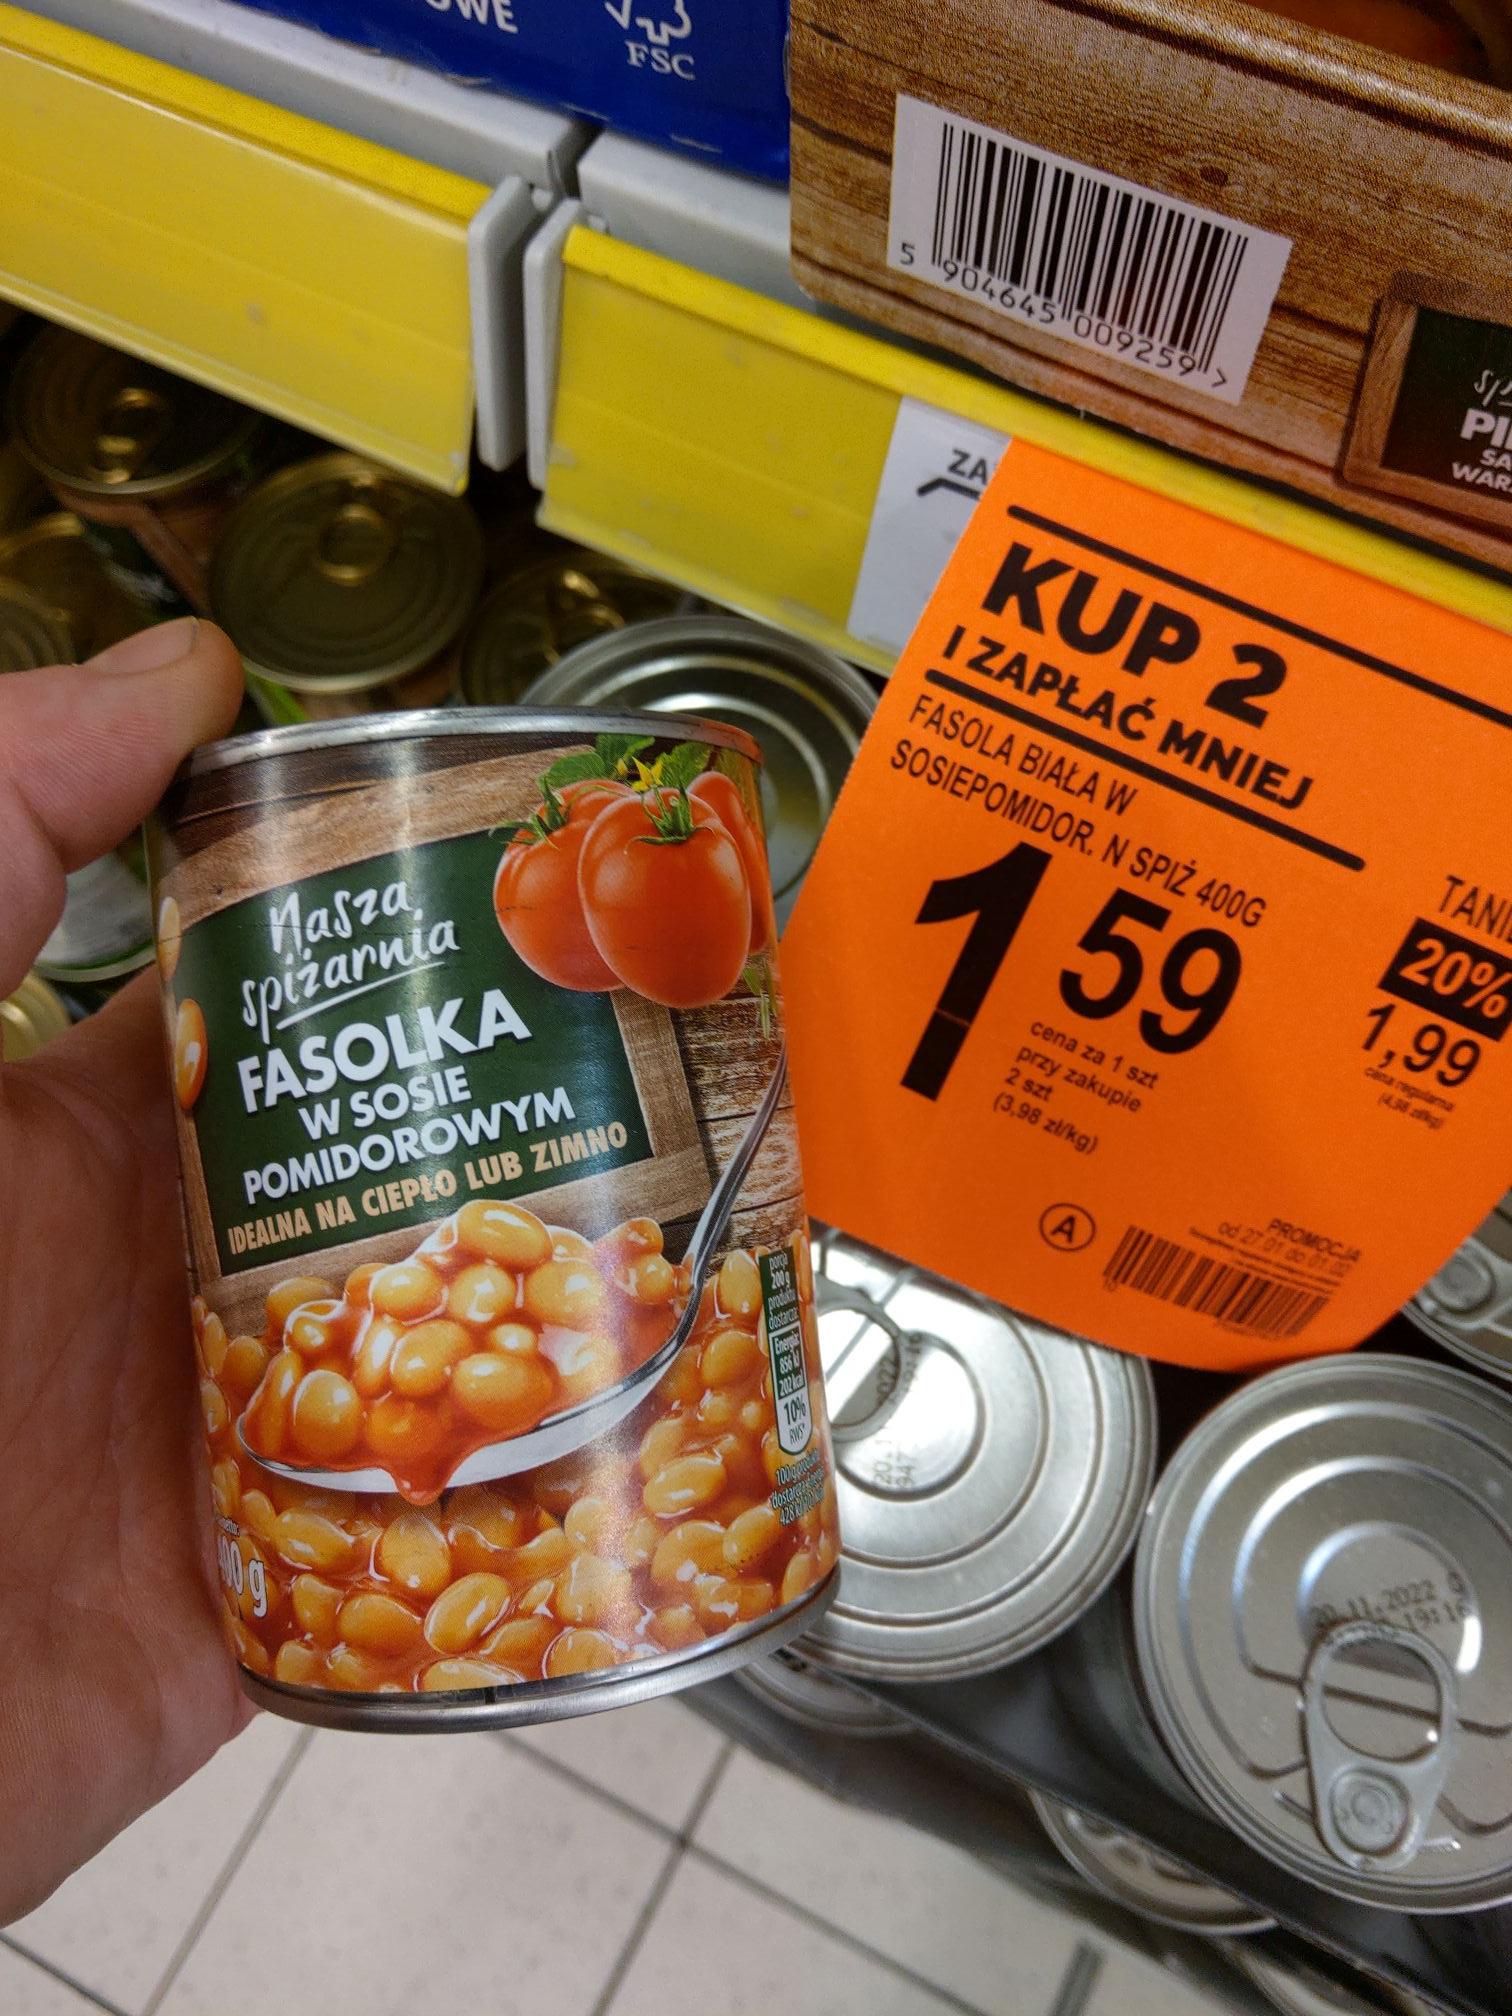 Fasolka w sosie pomidorowym - Biedronka